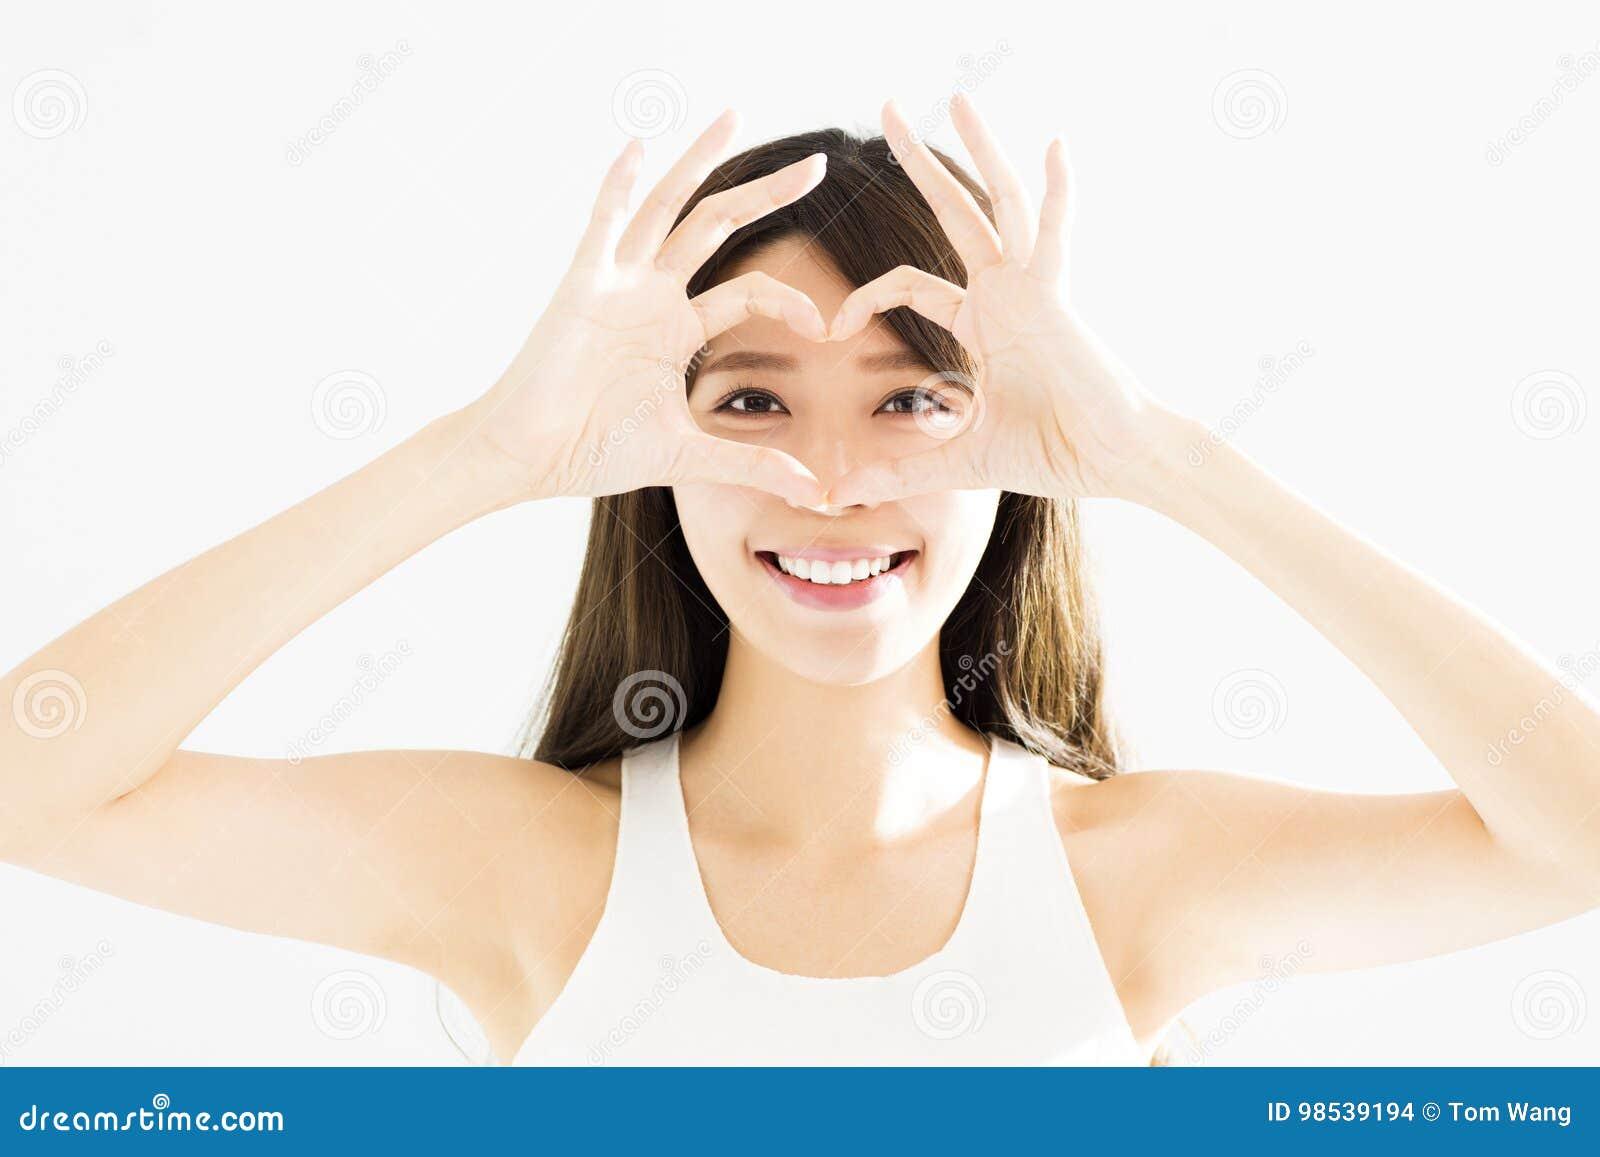 νέα διαμορφωμένα καρδιά χέρια εκμετάλλευσης γυναικών κοντά στα μάτια